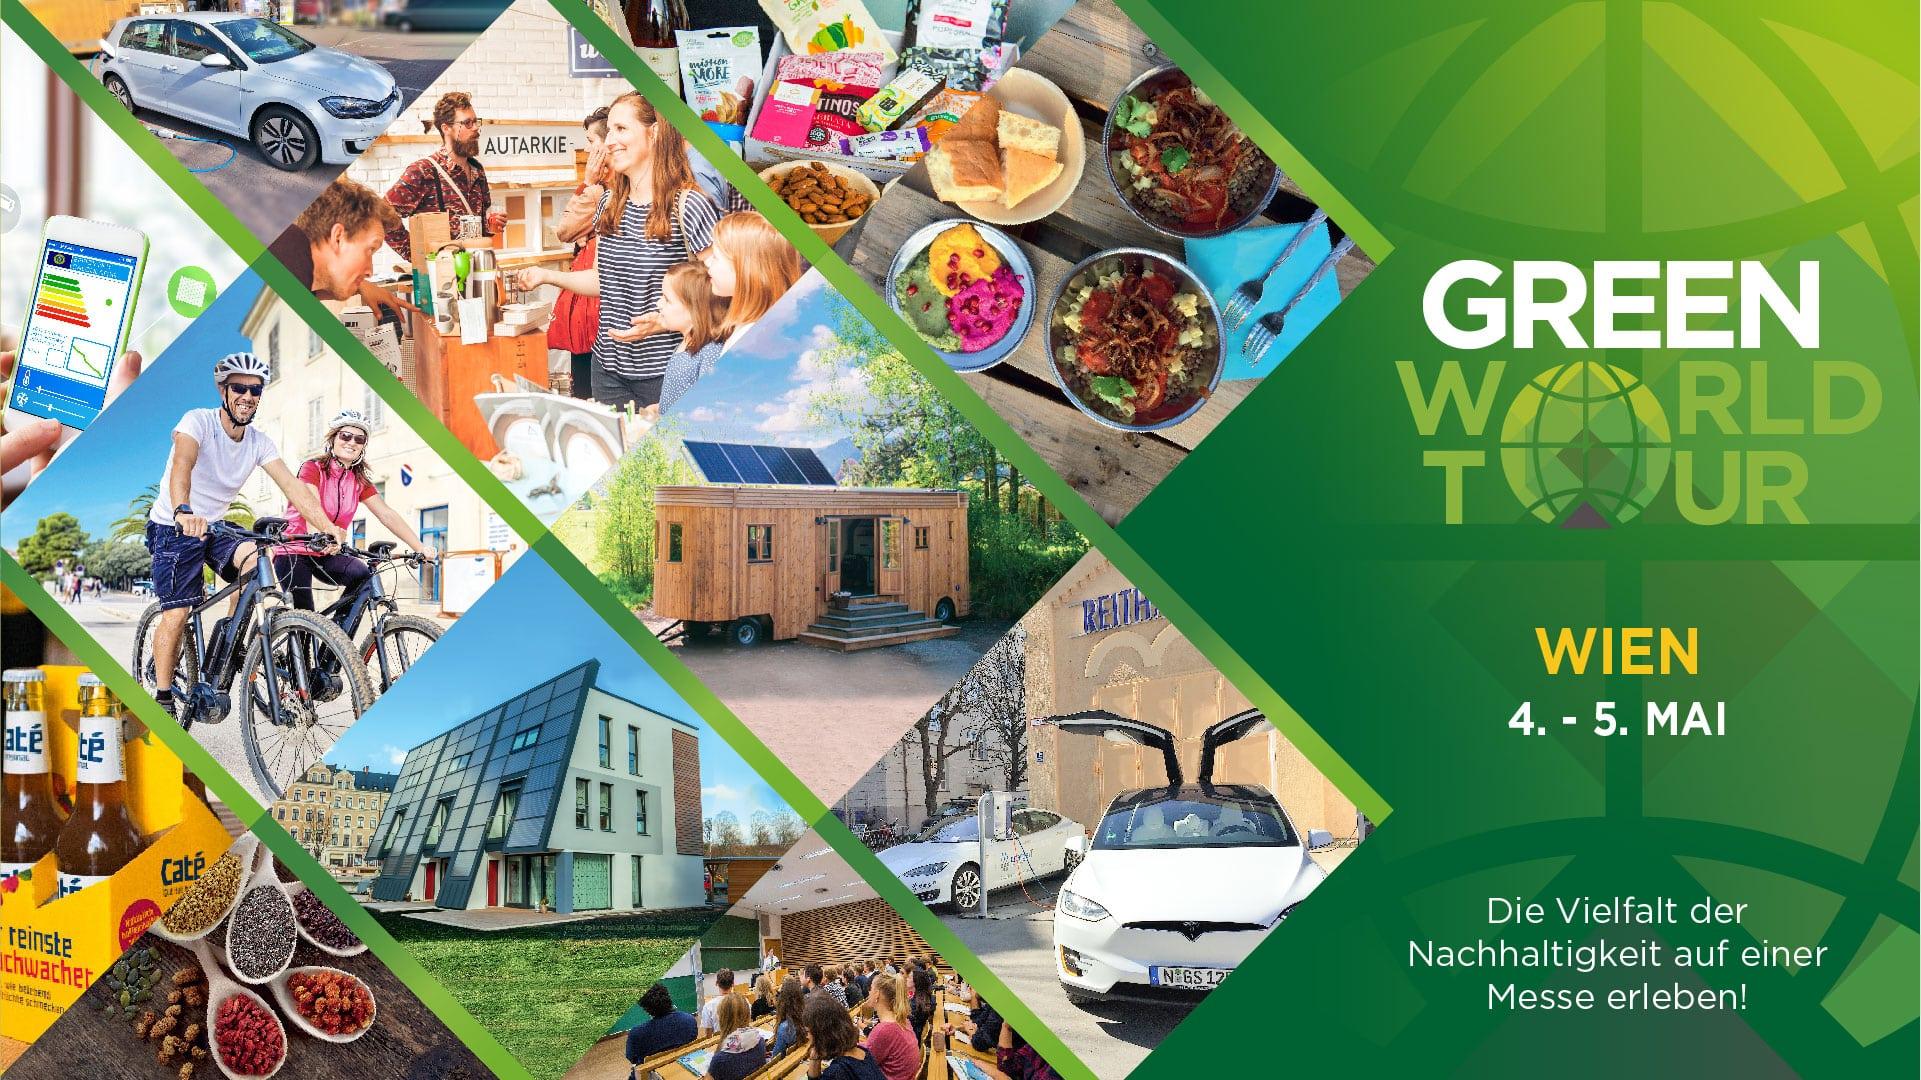 Green World Tour - Wien » FB EVENT BANNER GWT 2019 Wien